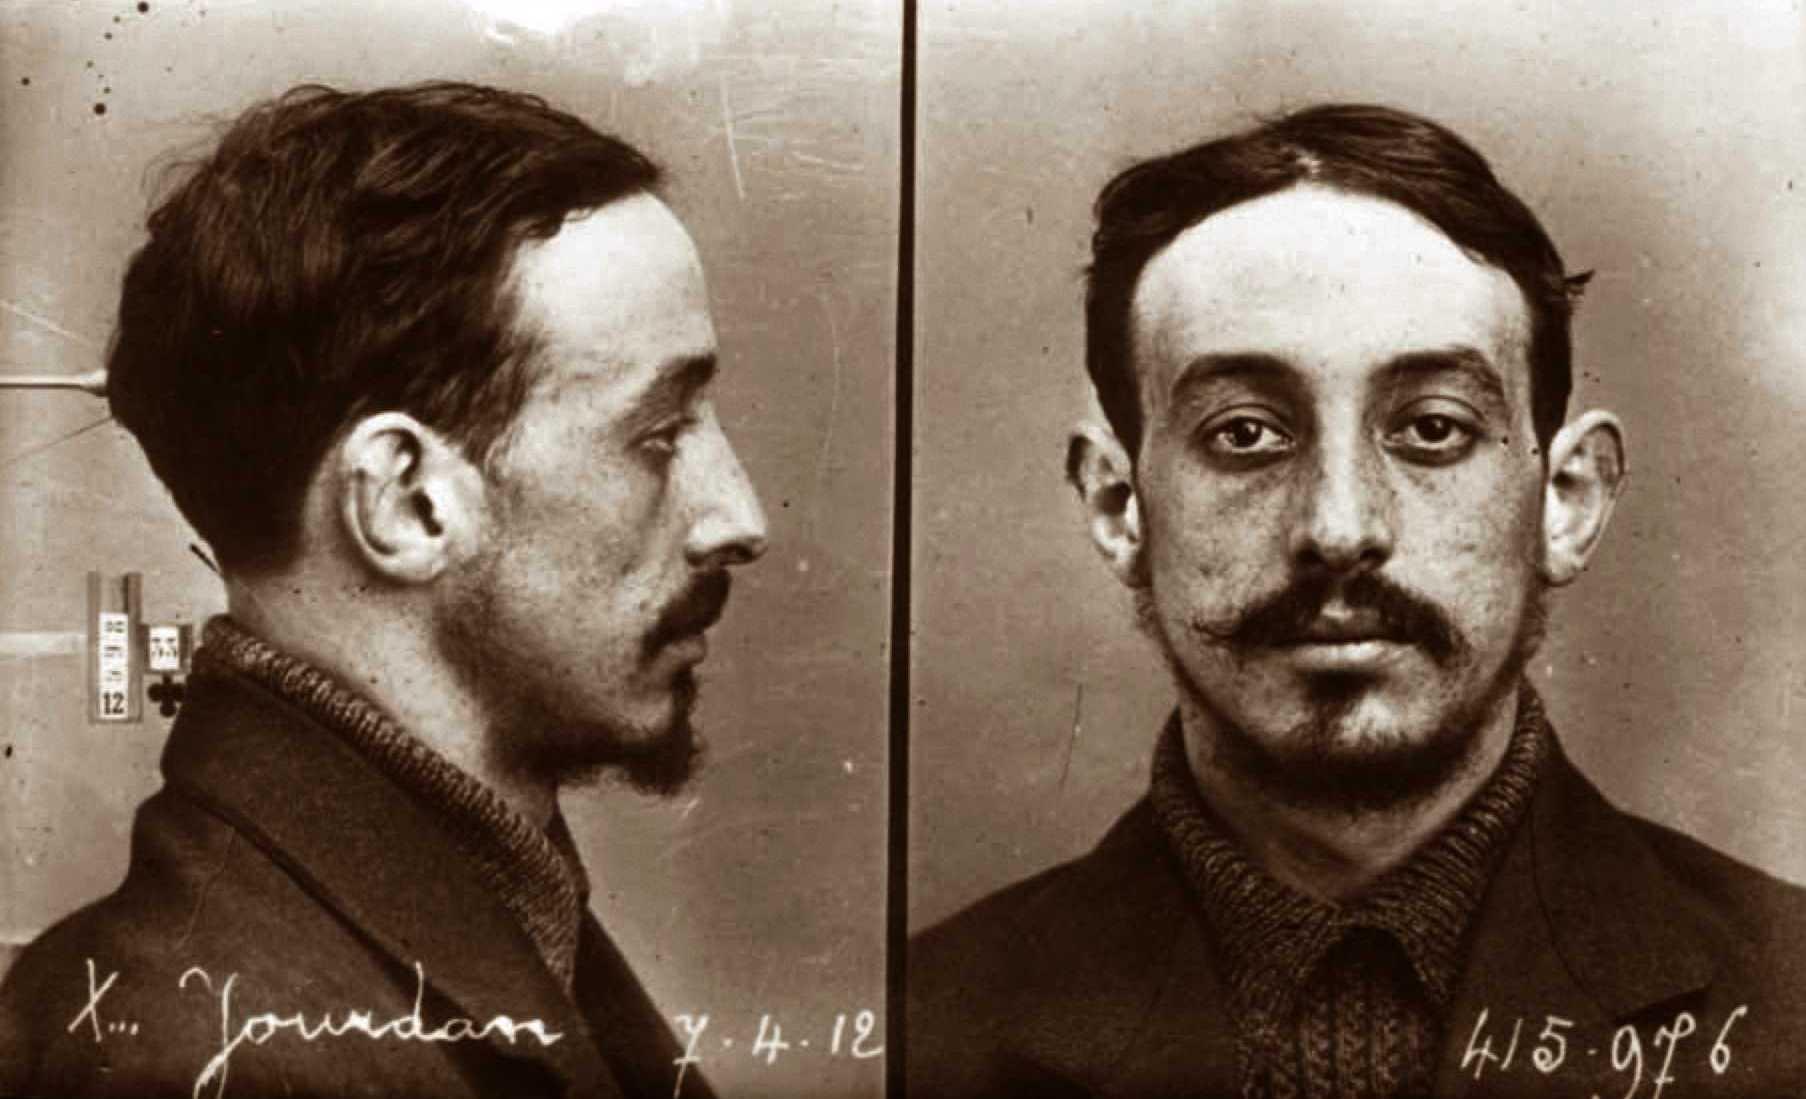 Foto policíaca de Pierre Jourdan (7 d'abril de 1912)